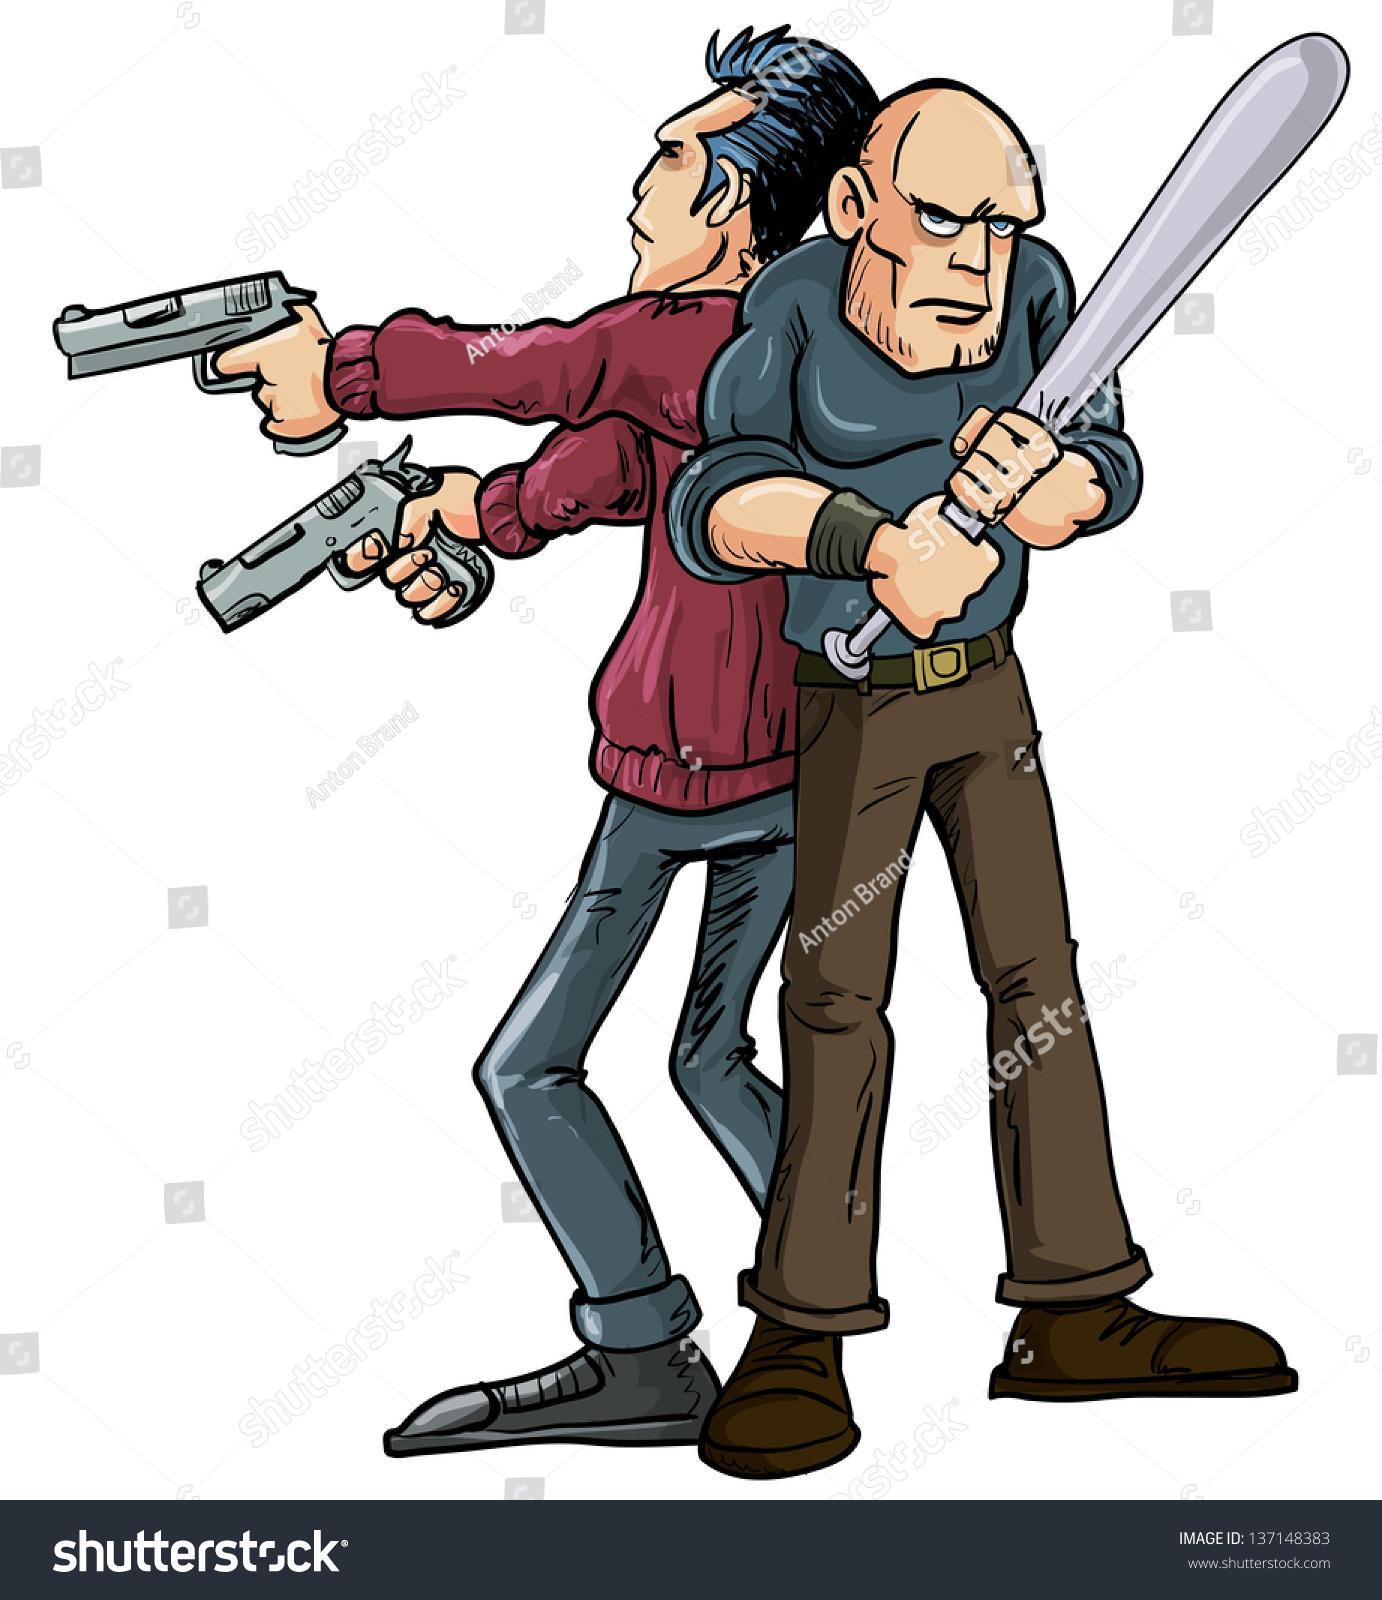 卡通插图背靠背站着的两个人操作好友系统行使他们的.